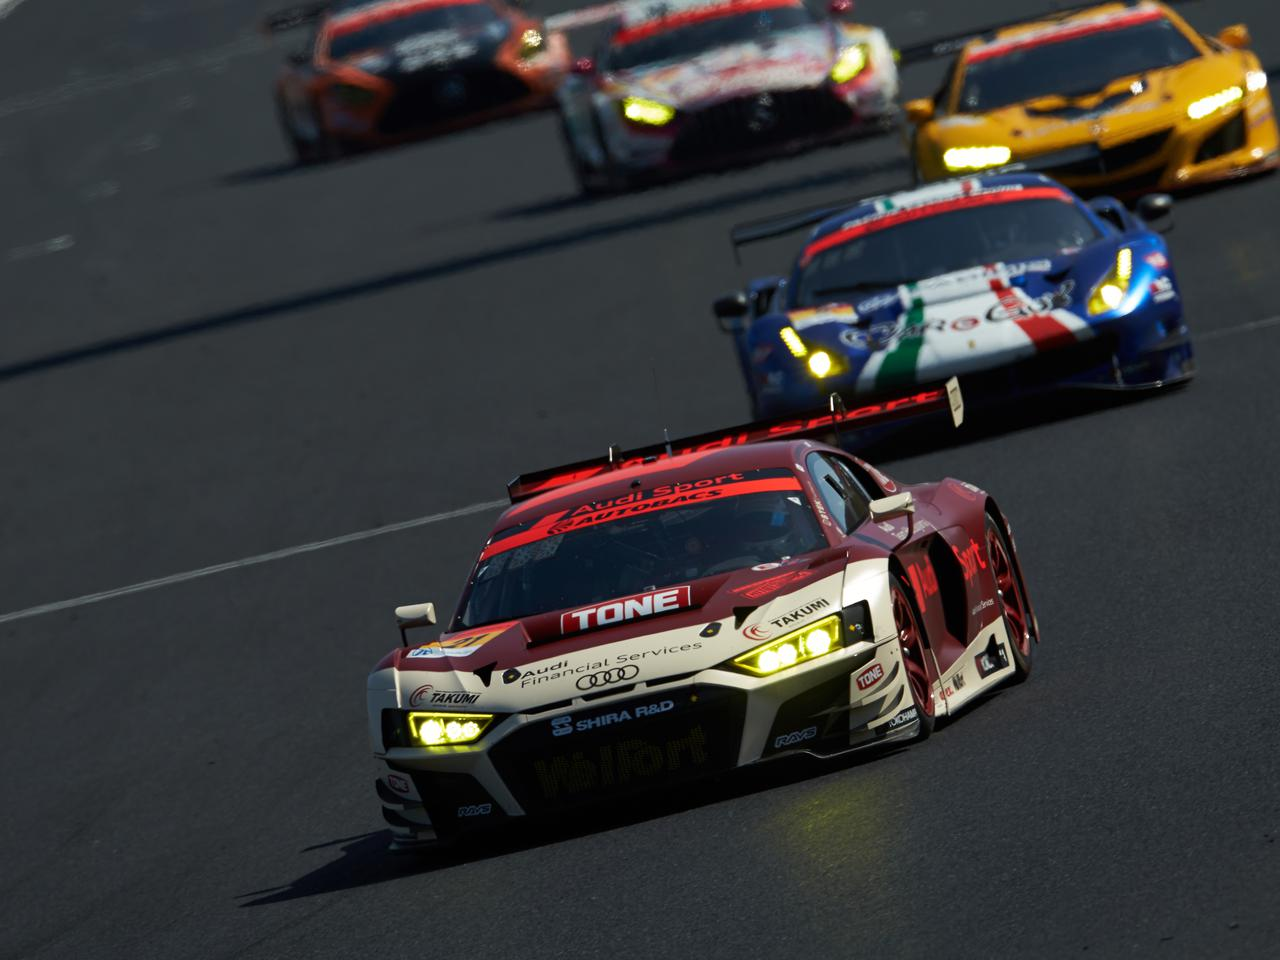 スーパーGT開幕戦GT300クラスで、アウディR8 LMSは13位と22位で完走【モータースポーツ】